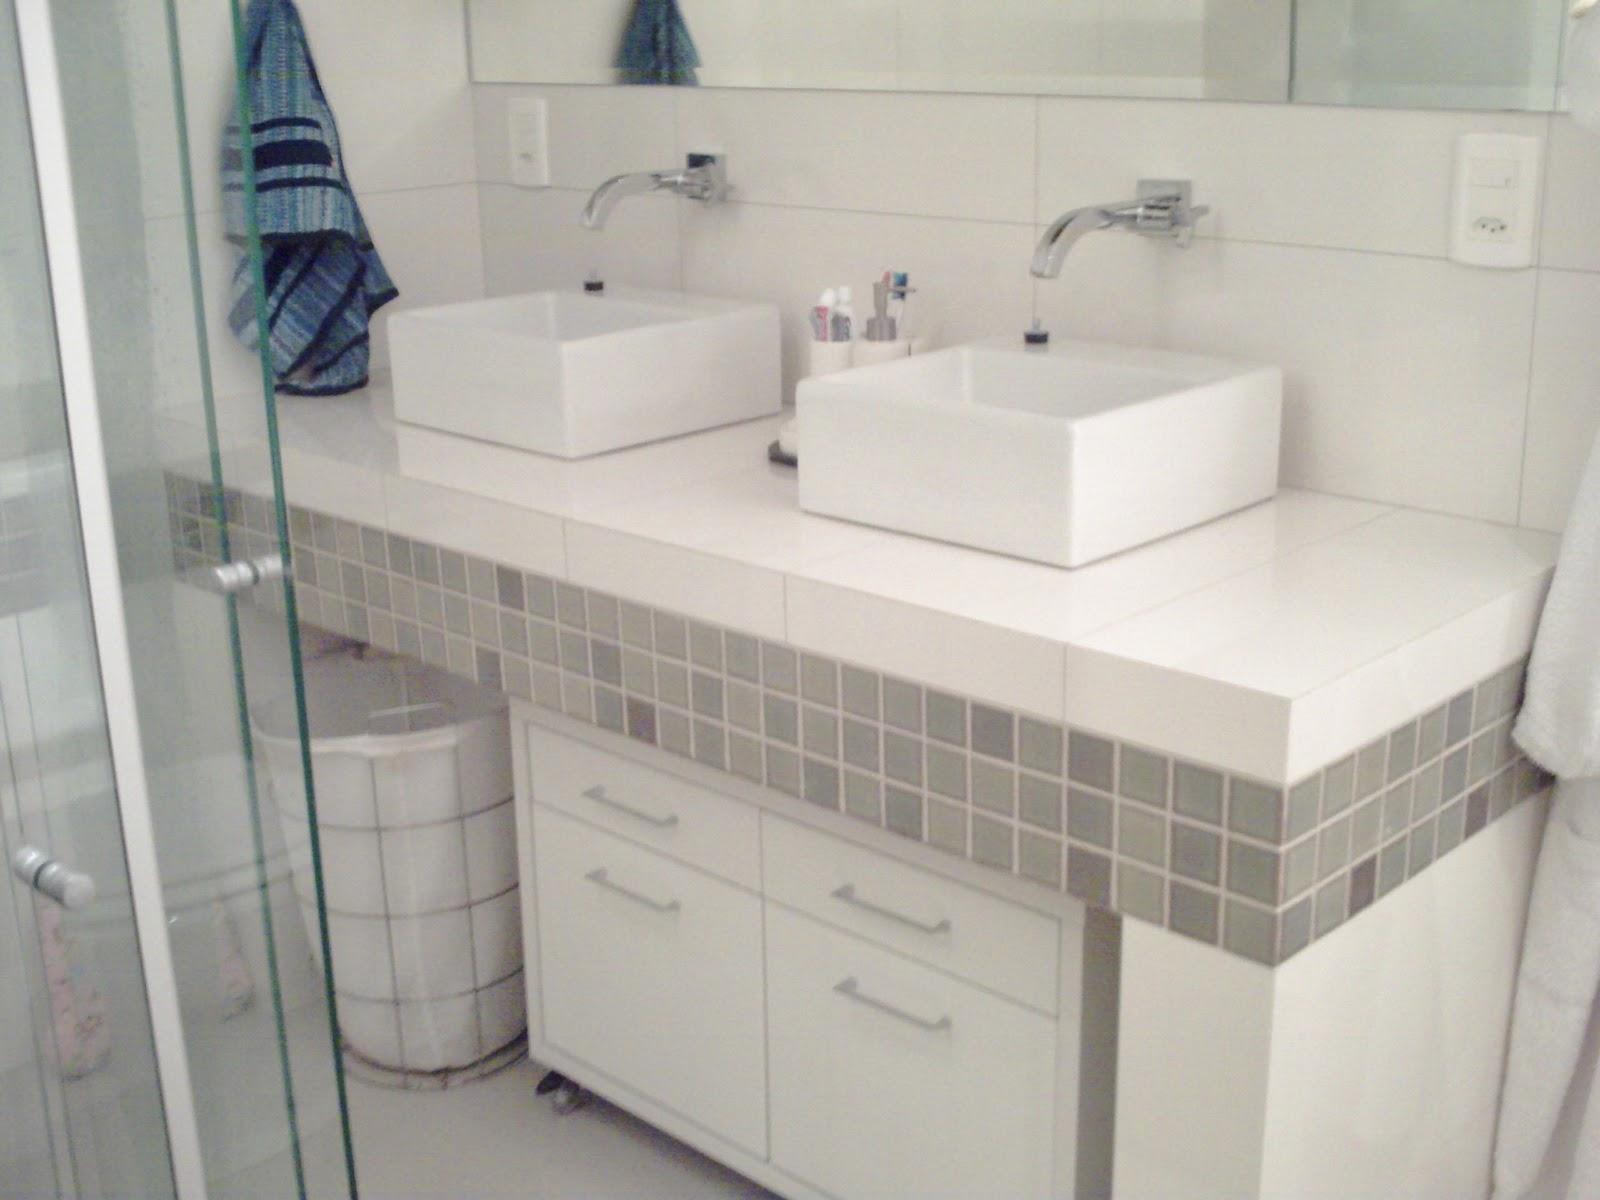 bancada da pia foi toda feita em concreto e revestida com porcelanato #3C4A60 1600x1200 Bancada Banheiro Concreto